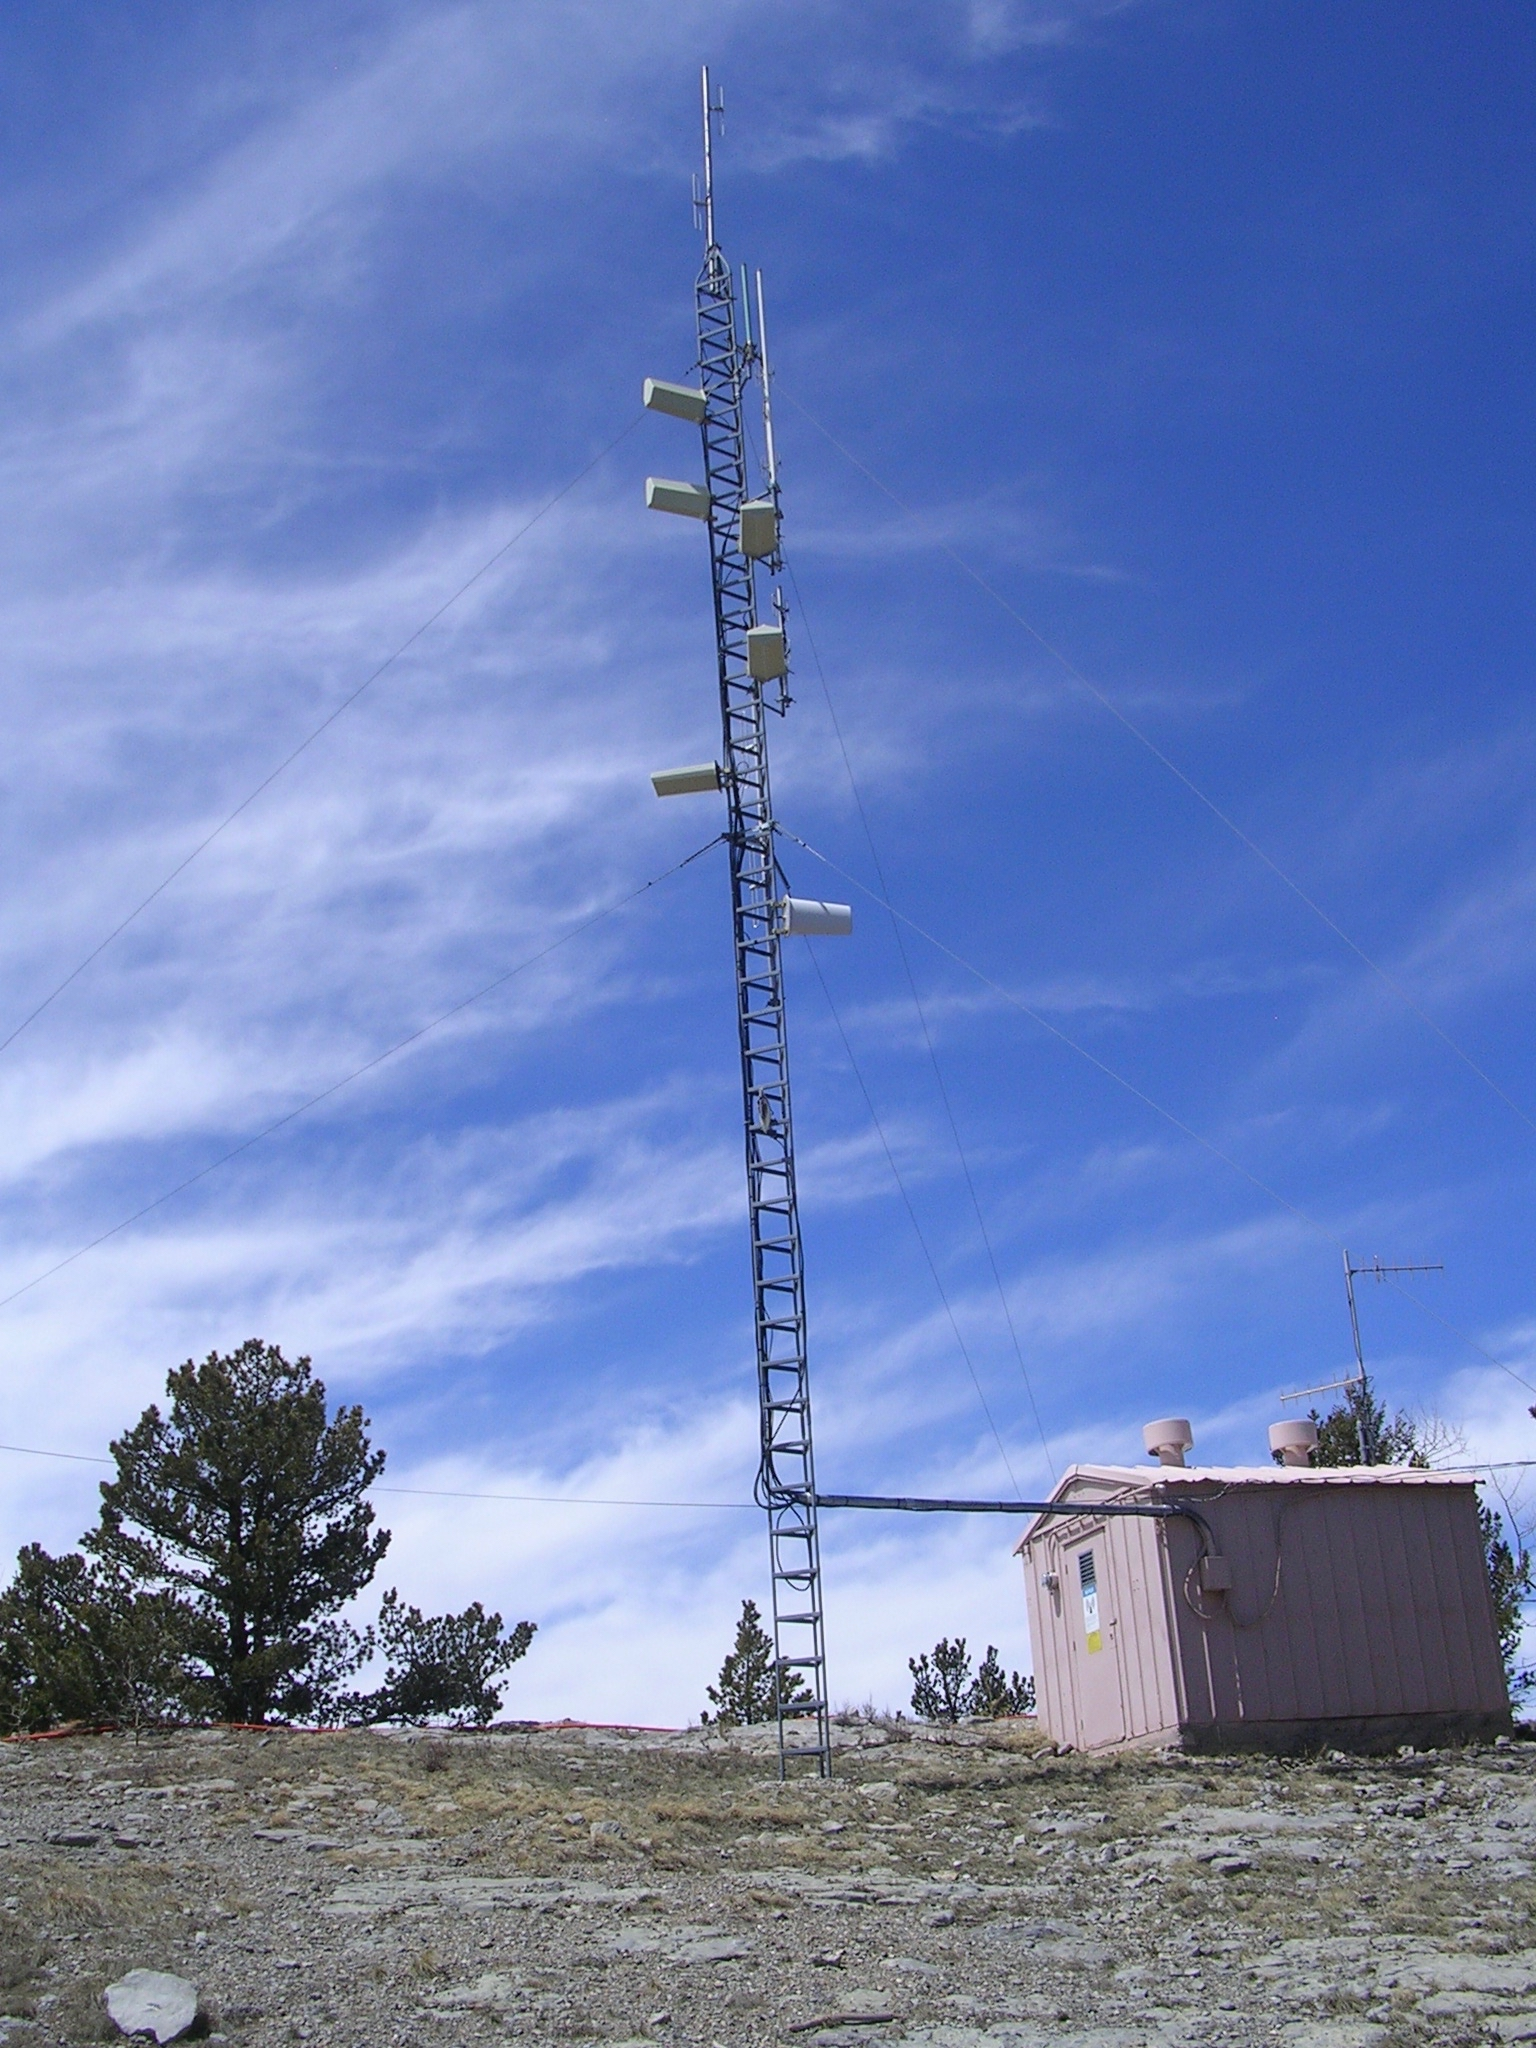 Caravan Club repeater site on Sandia Crest just east of Albuquerque